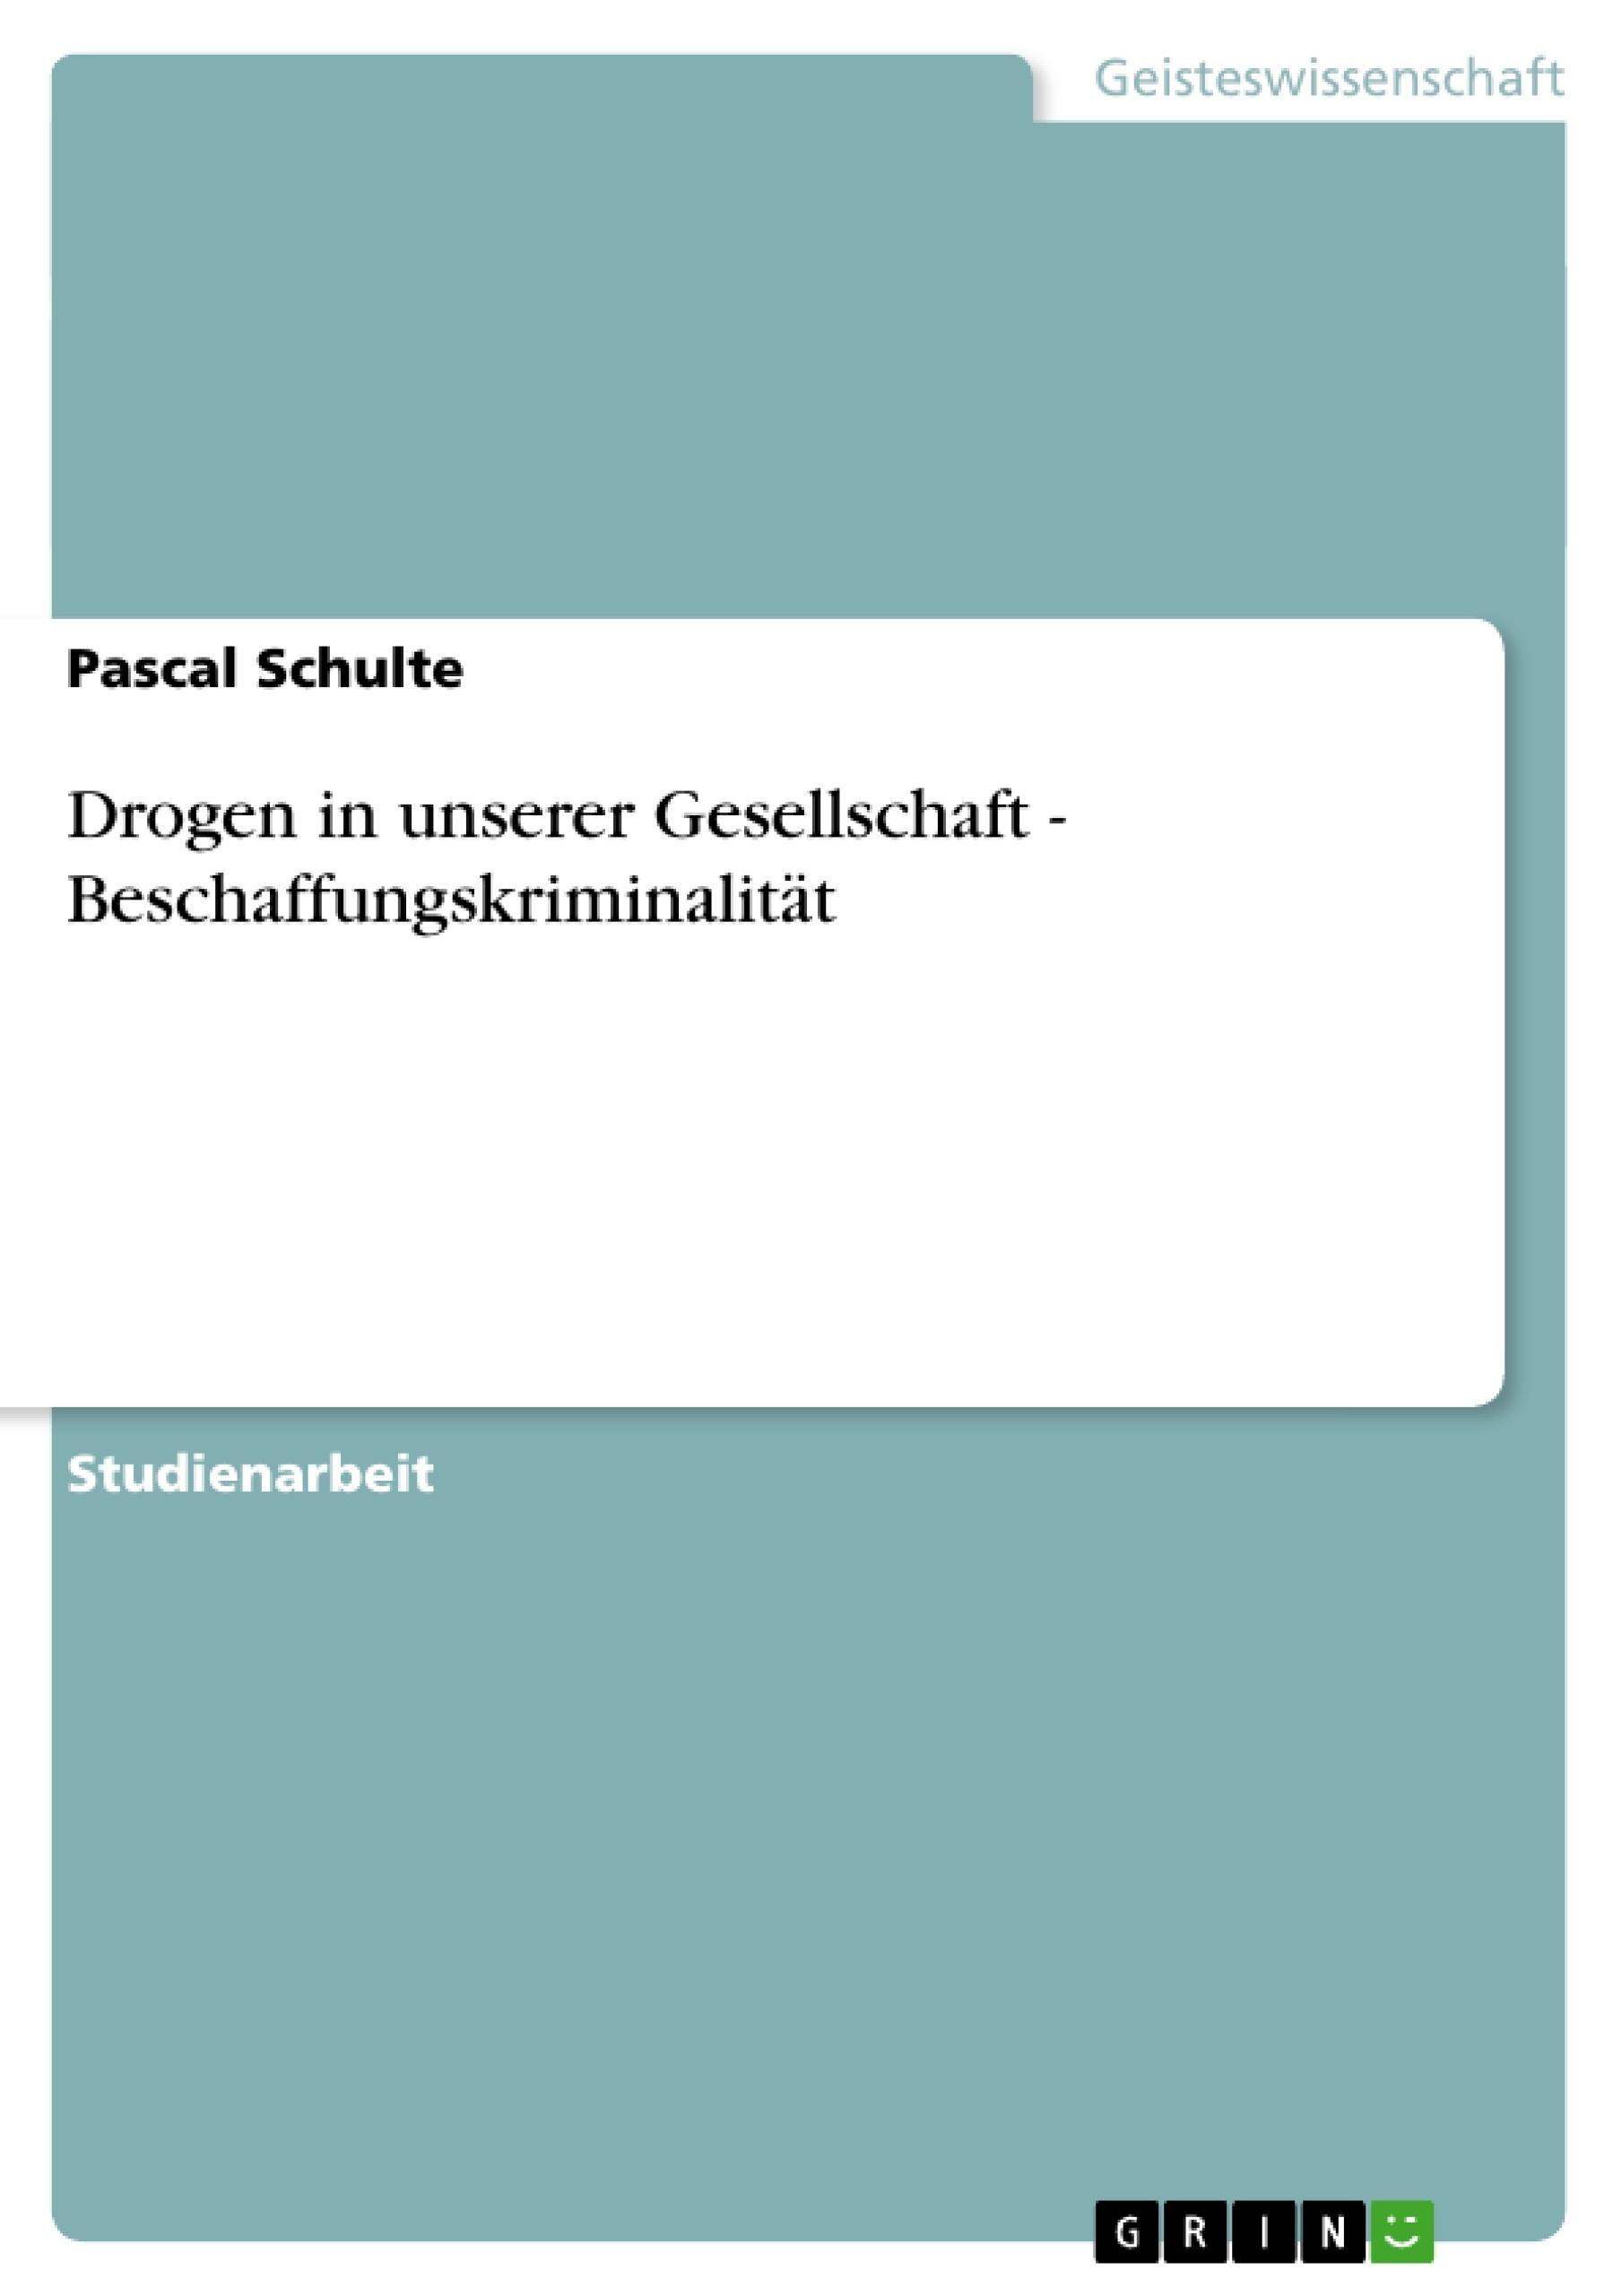 Titel: Drogen in unserer Gesellschaft - Beschaffungskriminalität